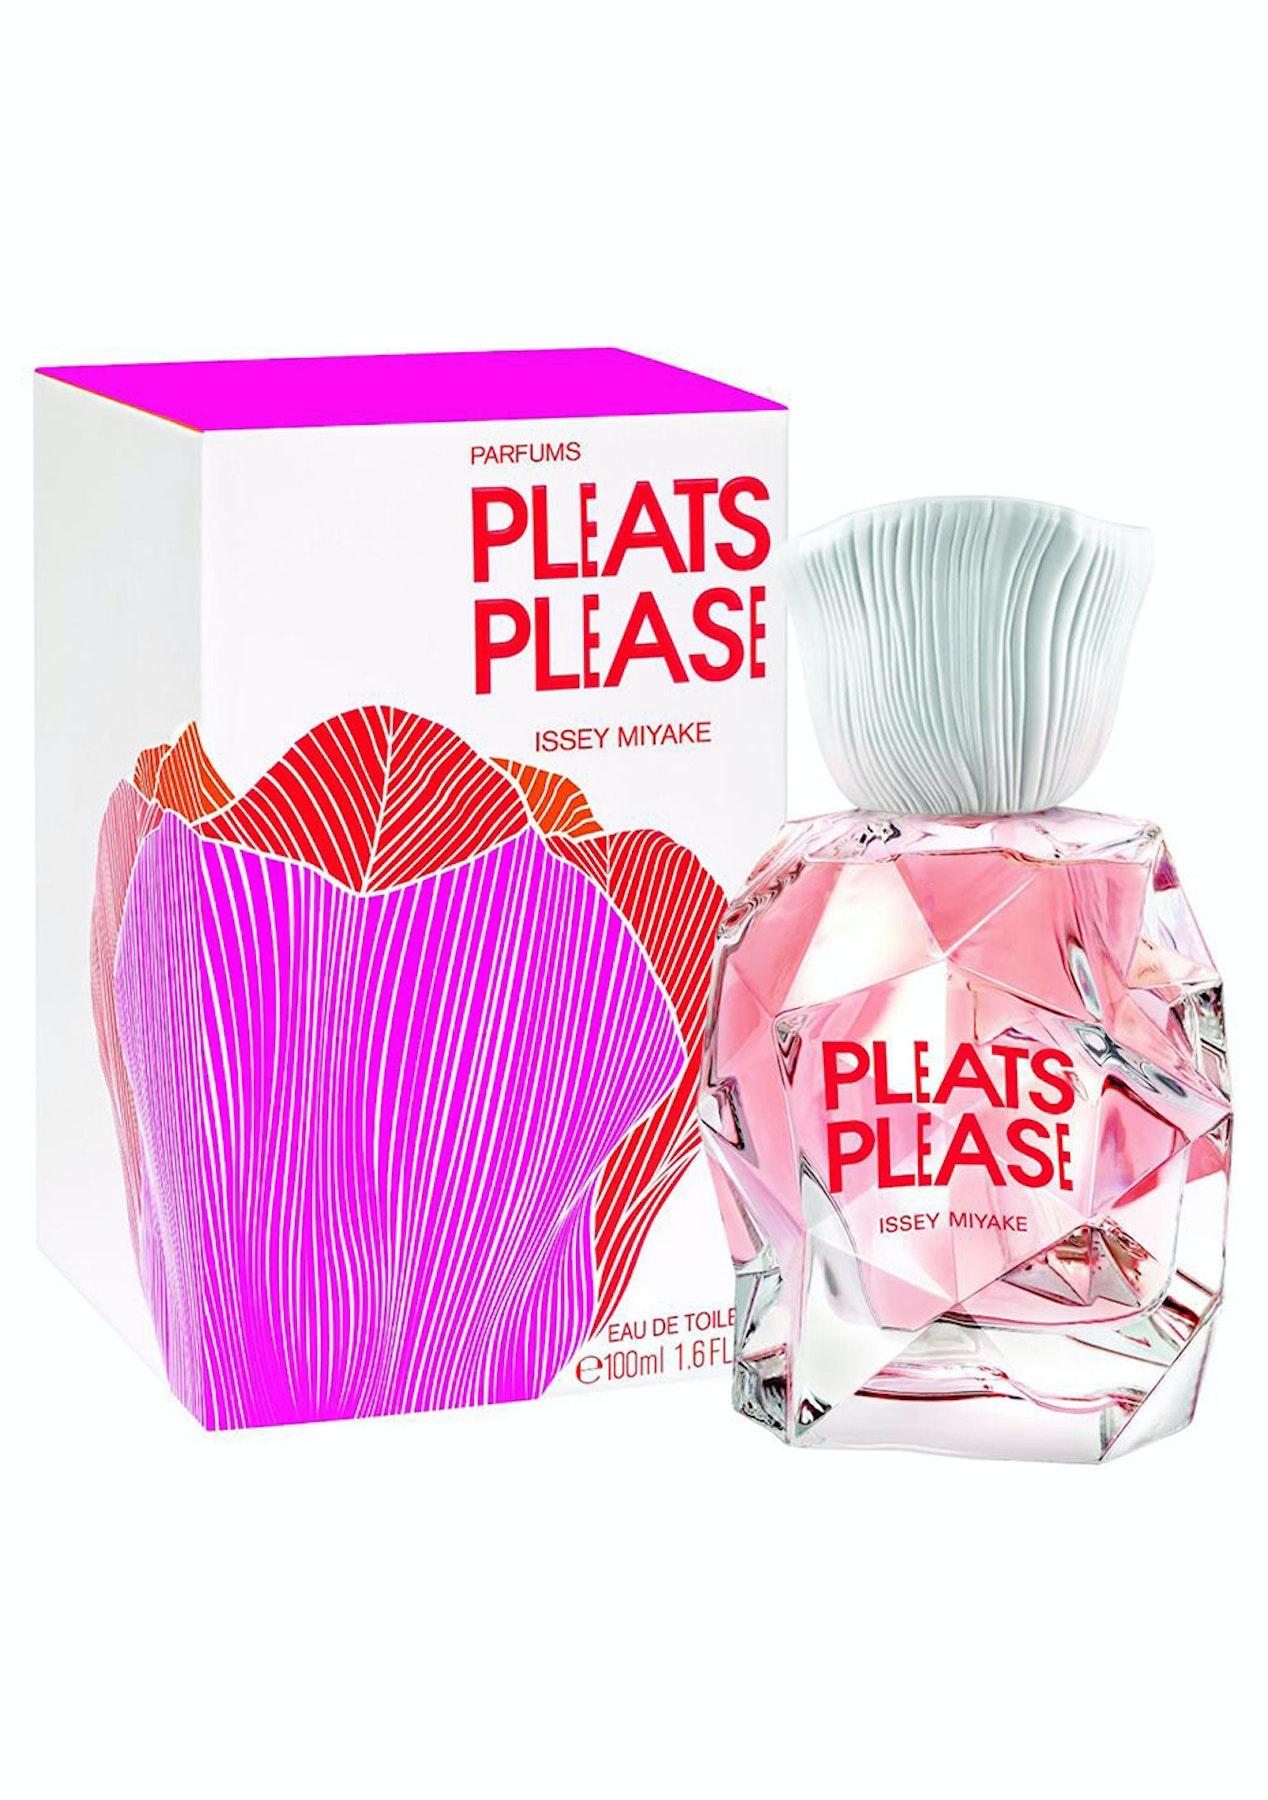 d45b61b015592 Issey Miyake Pleats Please Eau De Toilette 100ml - Free Shipping Beauty  Bonanza - Onceit